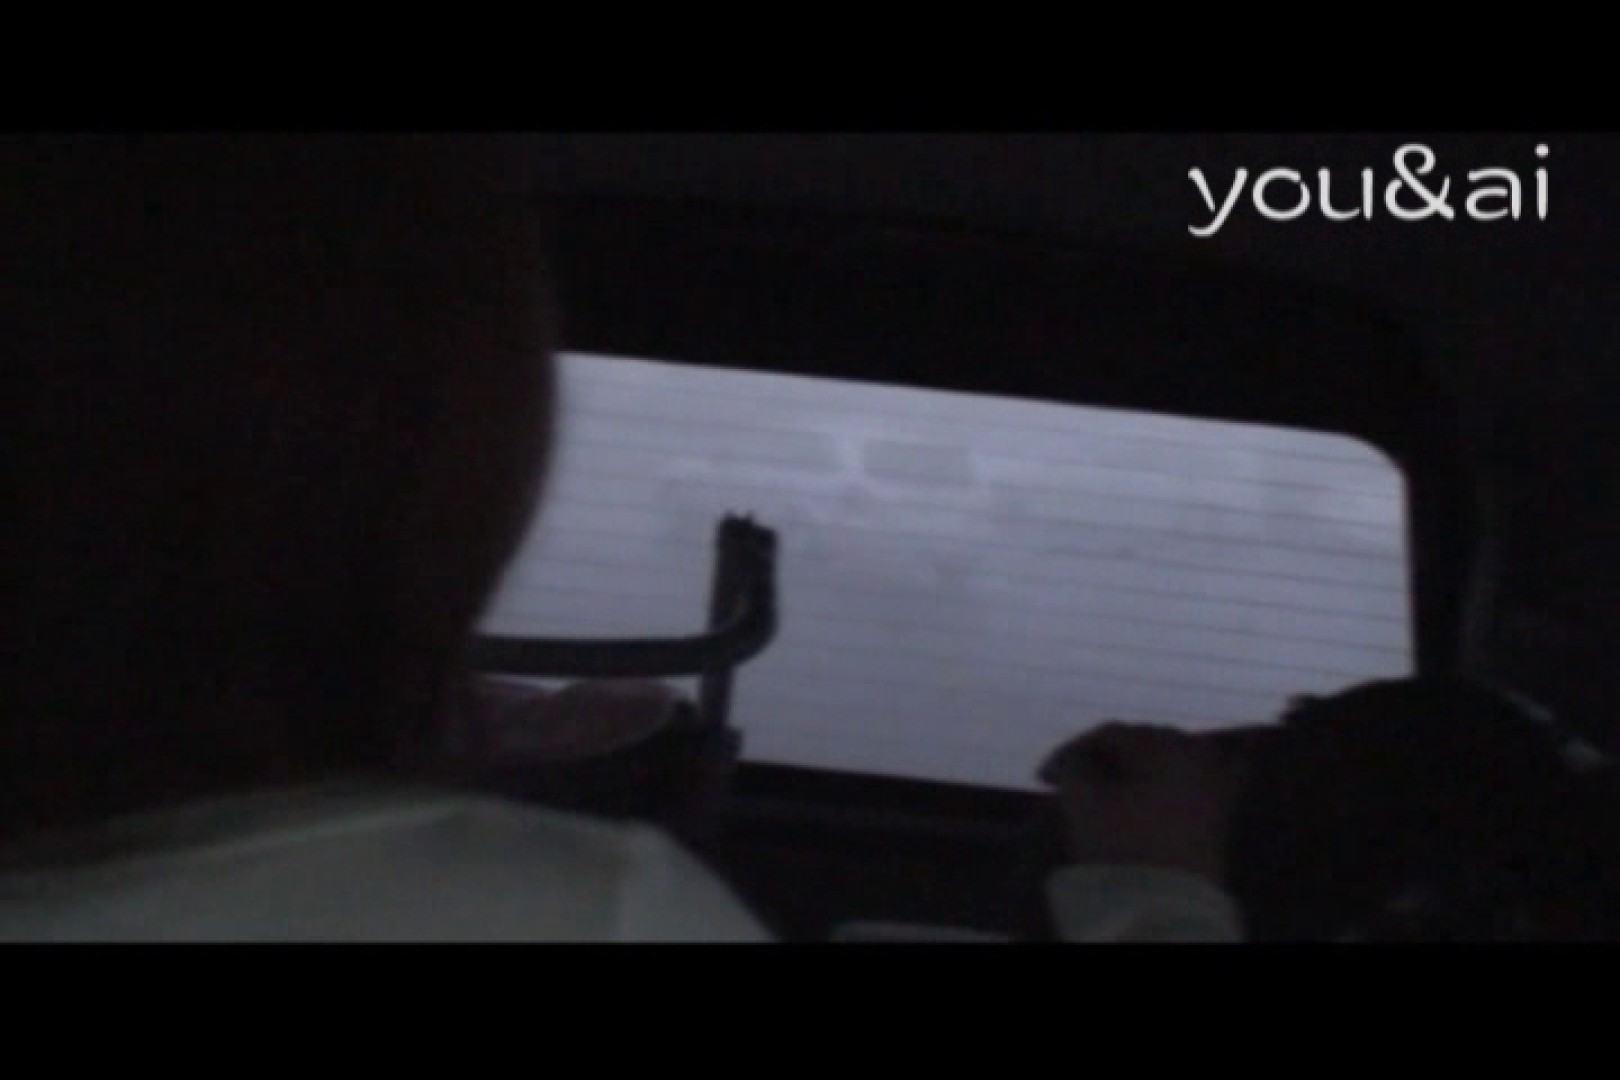 おしどり夫婦のyou&aiさん投稿作品vol.8 OL  83pic 13